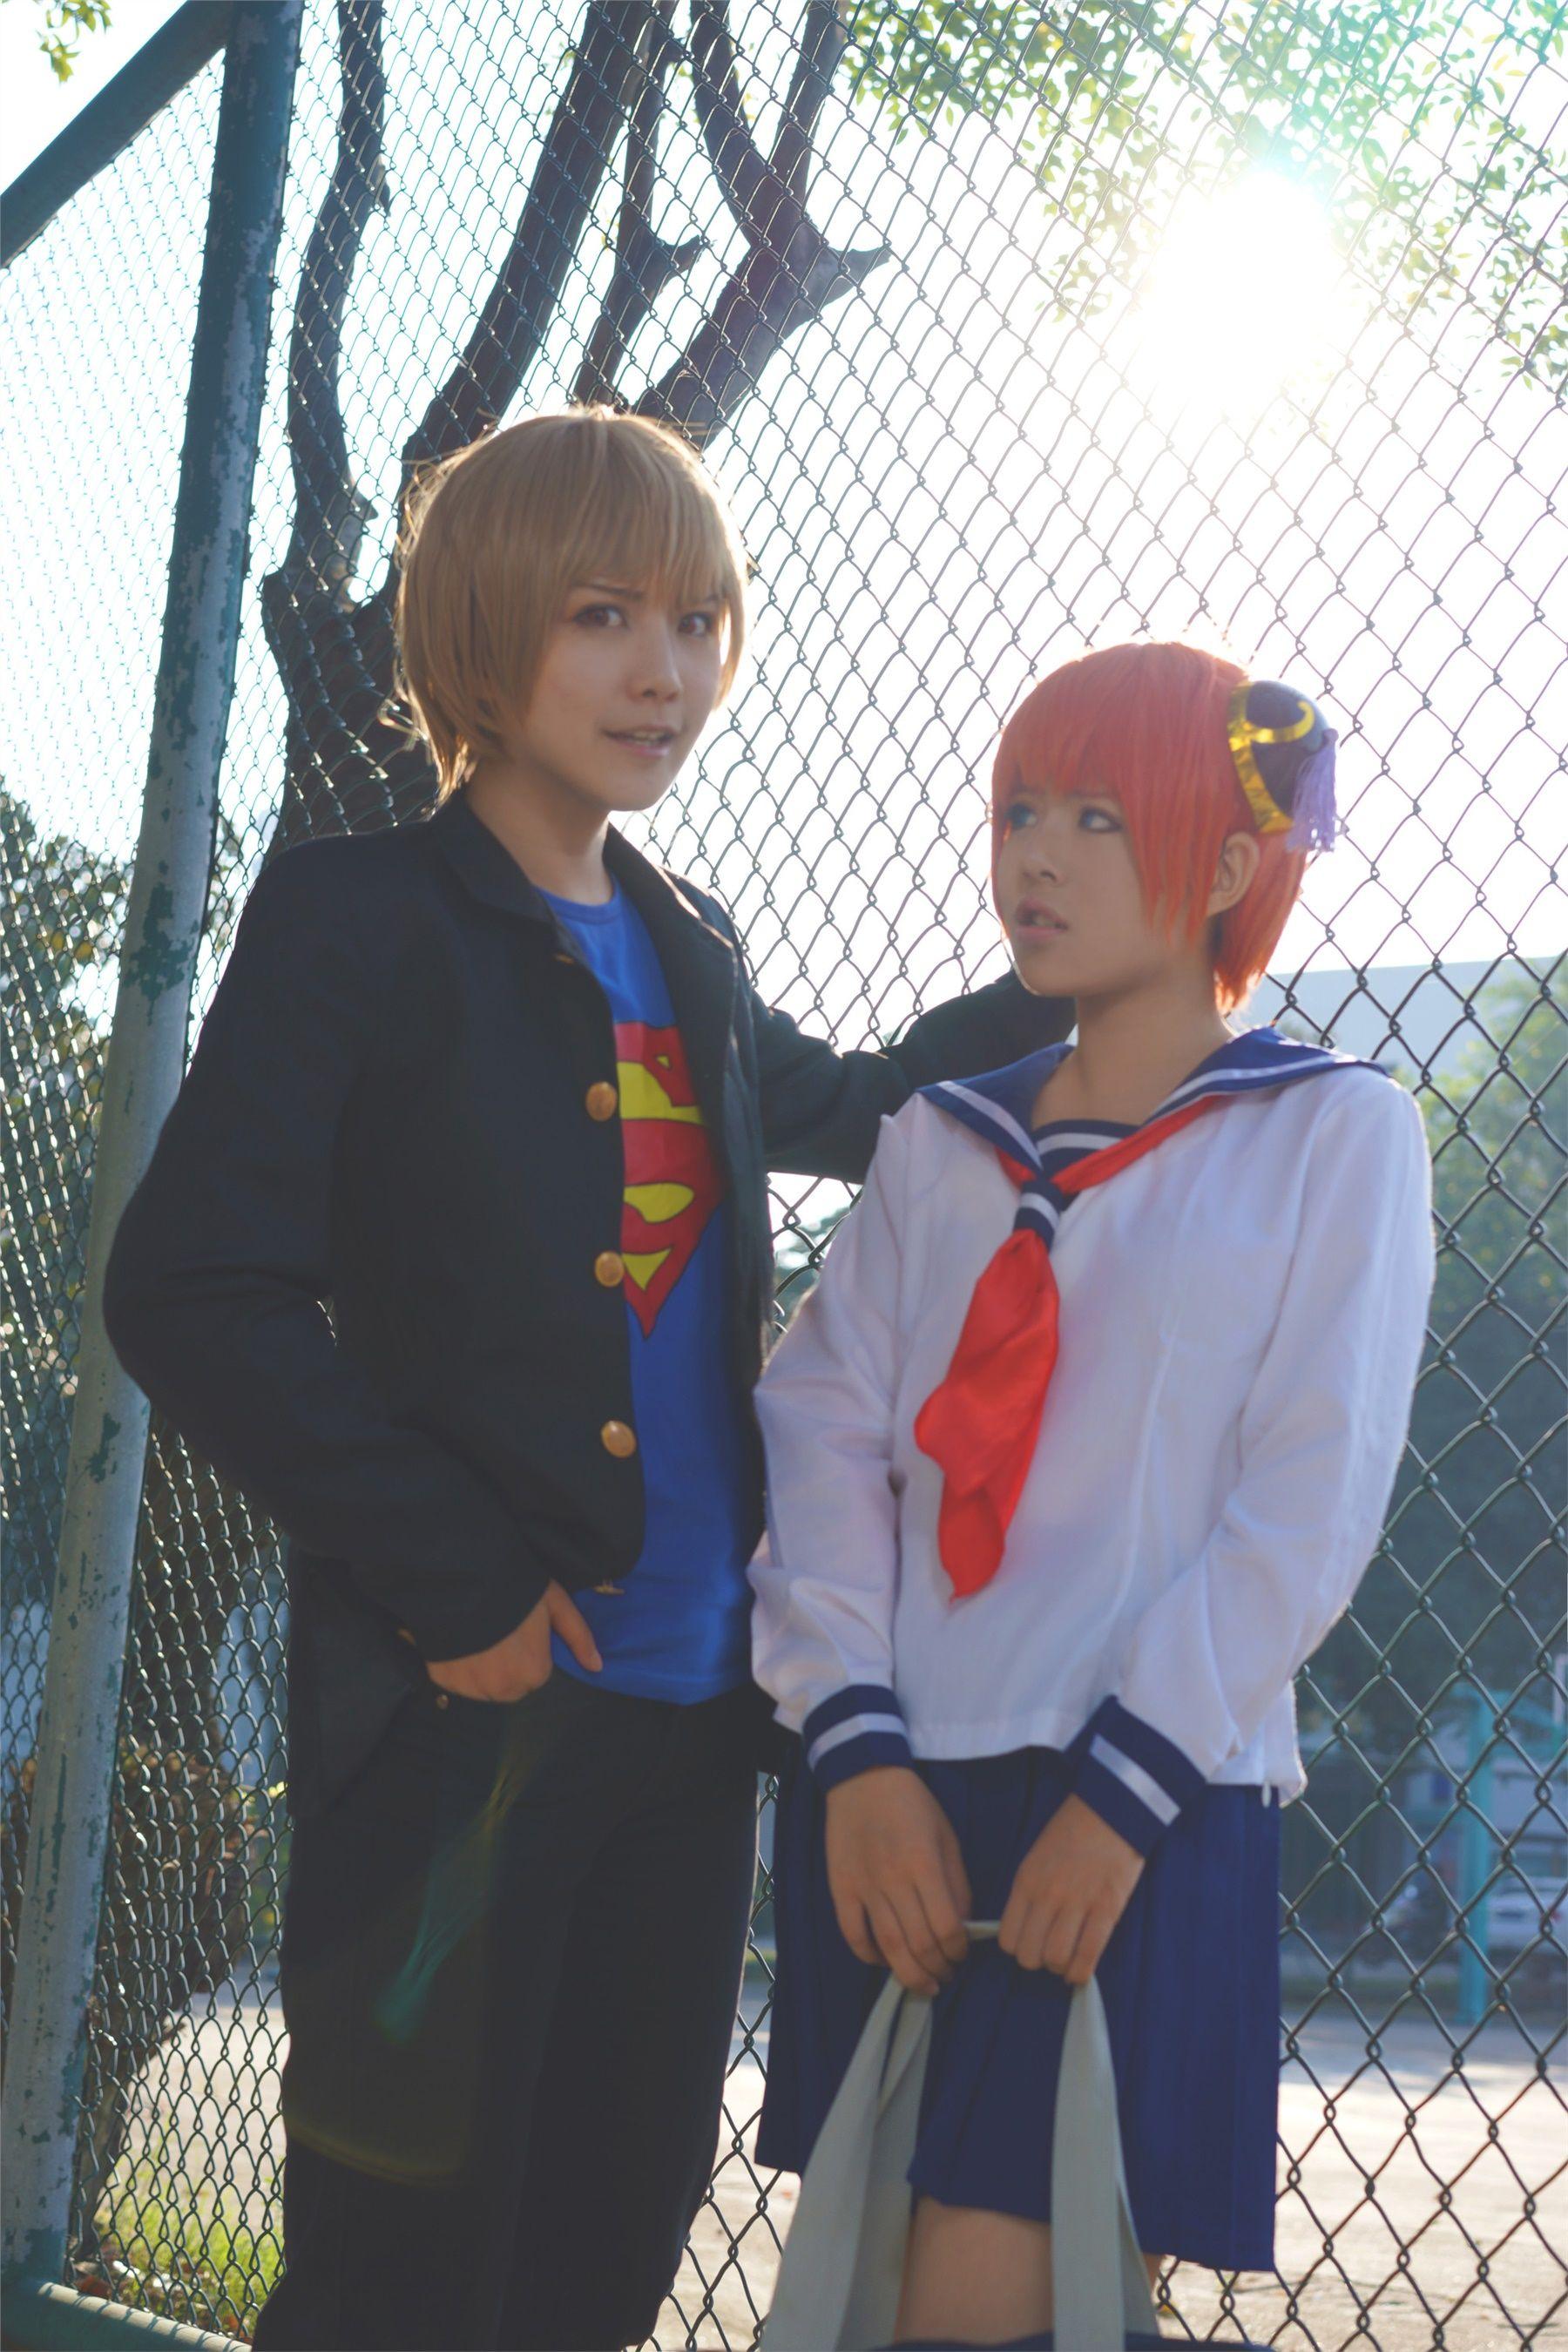 chiko Kagura Cosplay Photo